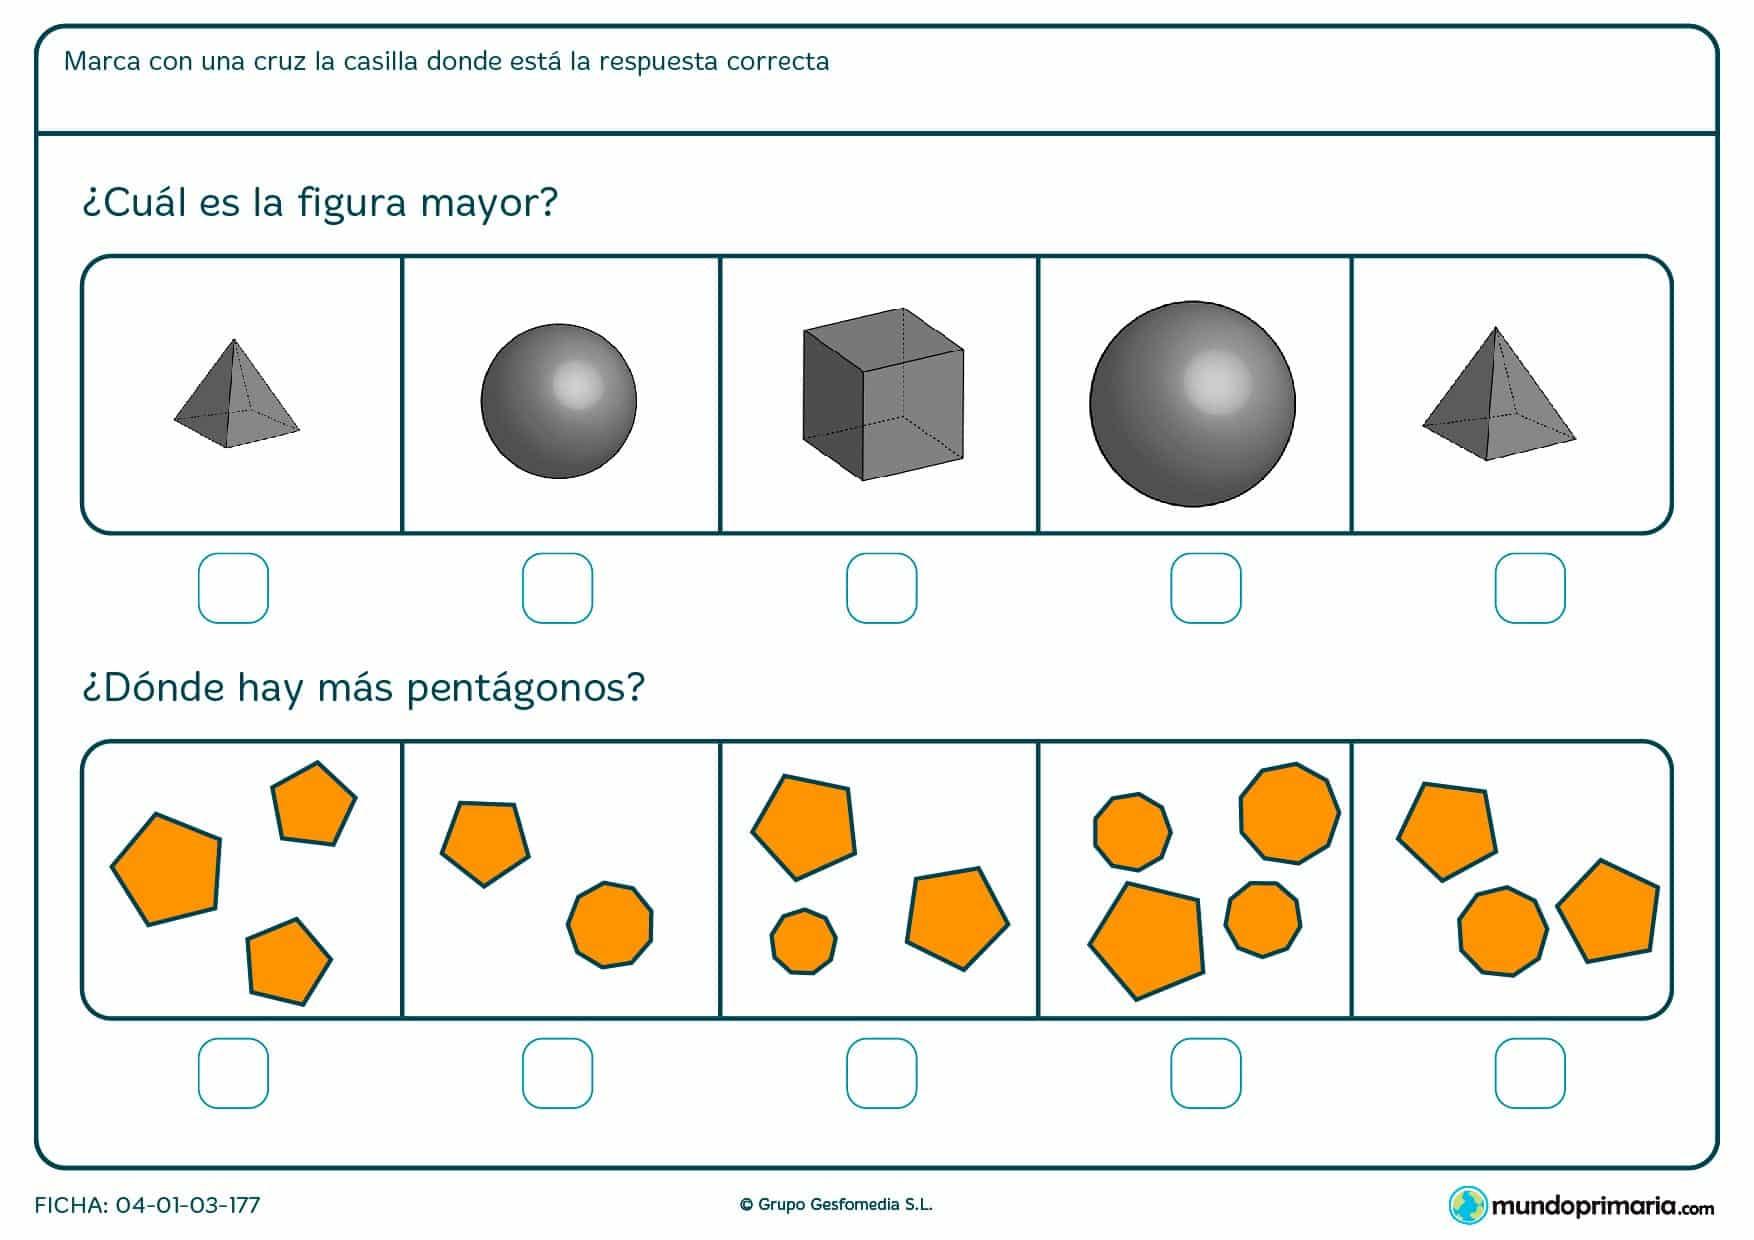 Ficha de diferenciar entre objetos planos y con volumen en la que tendrás que elegir la opción correcta dentro de las posibilidades.